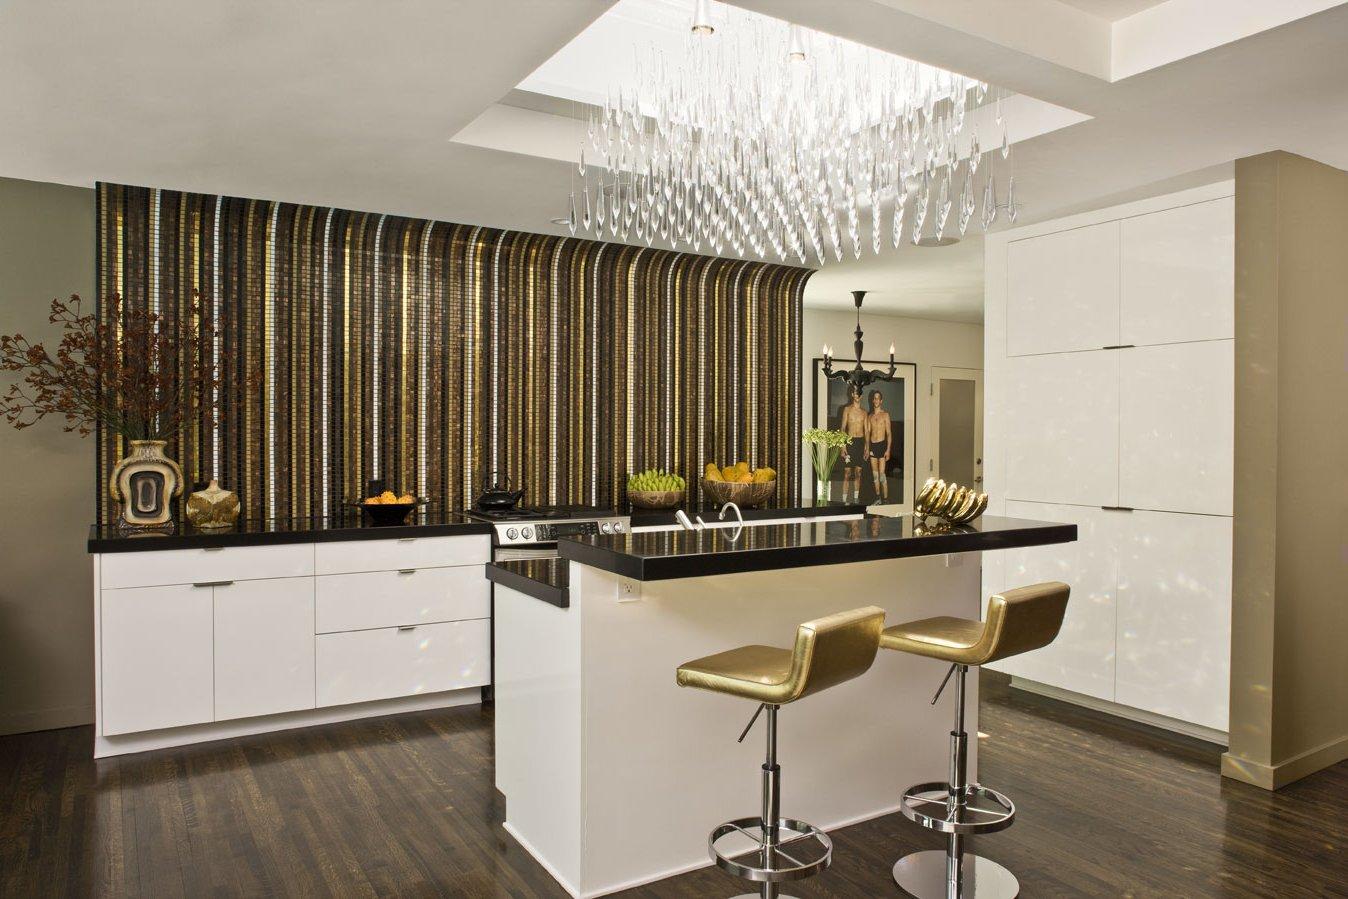 Кухня без верхних шкафов: фото и дизайн стильных интерьеров.